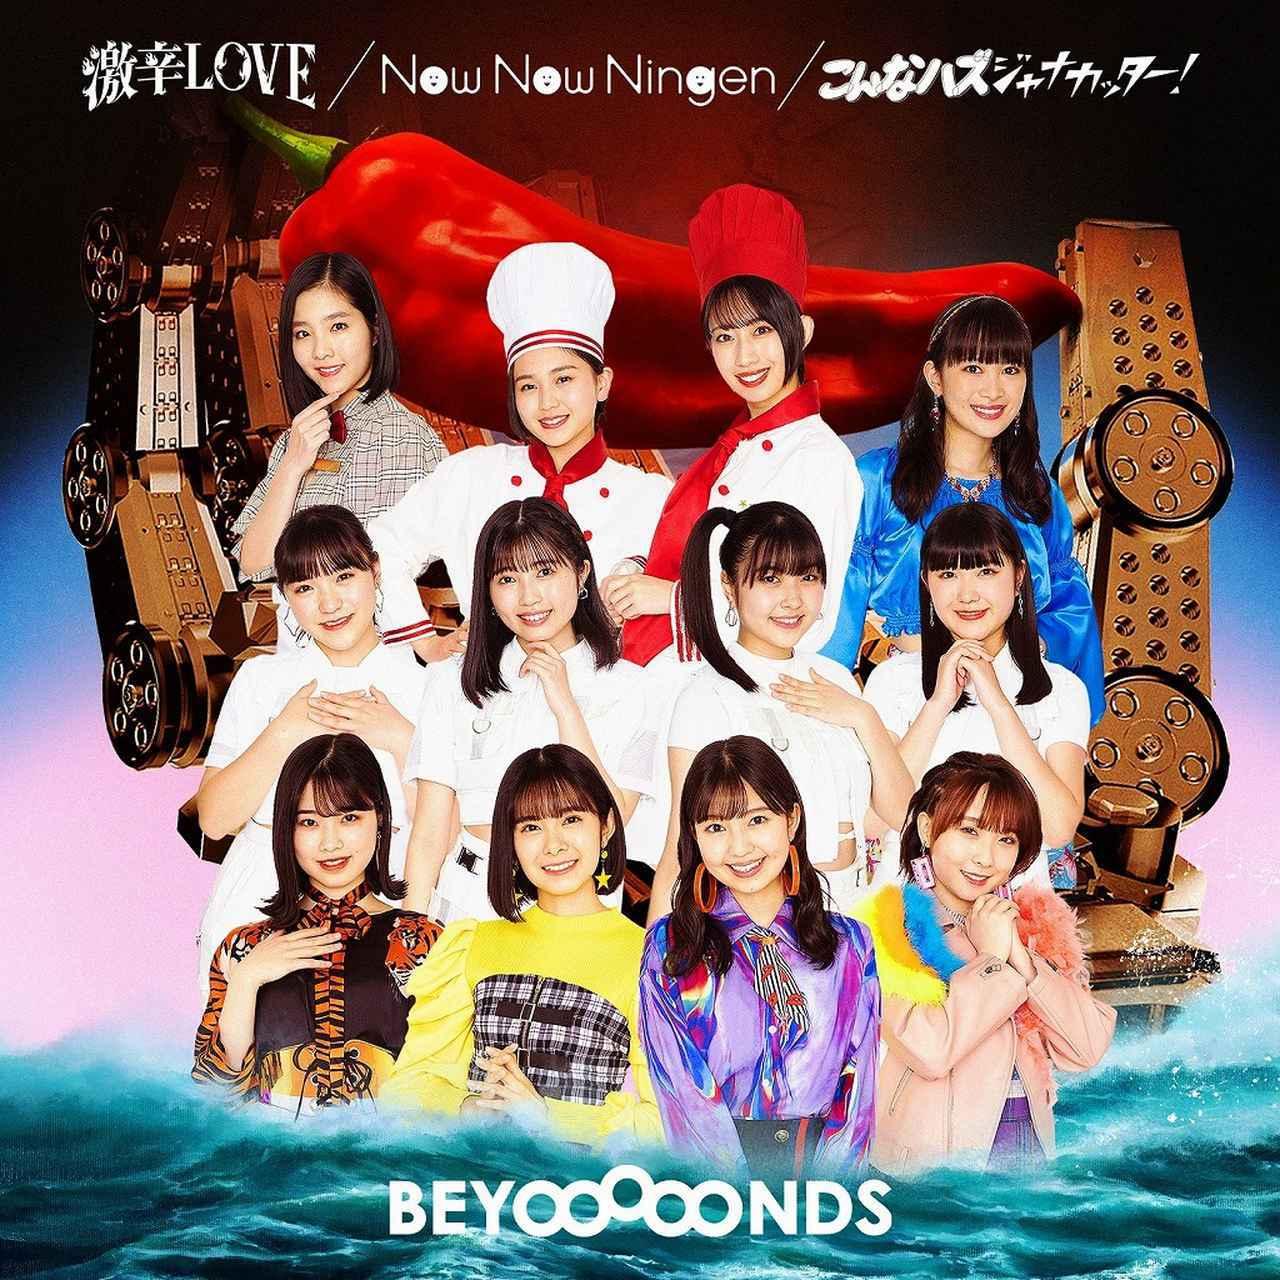 画像: 激辛LOVE/Now Now Ningen/こんなハズジャナカッター!(Special Edition) / BEYOOOOONDS